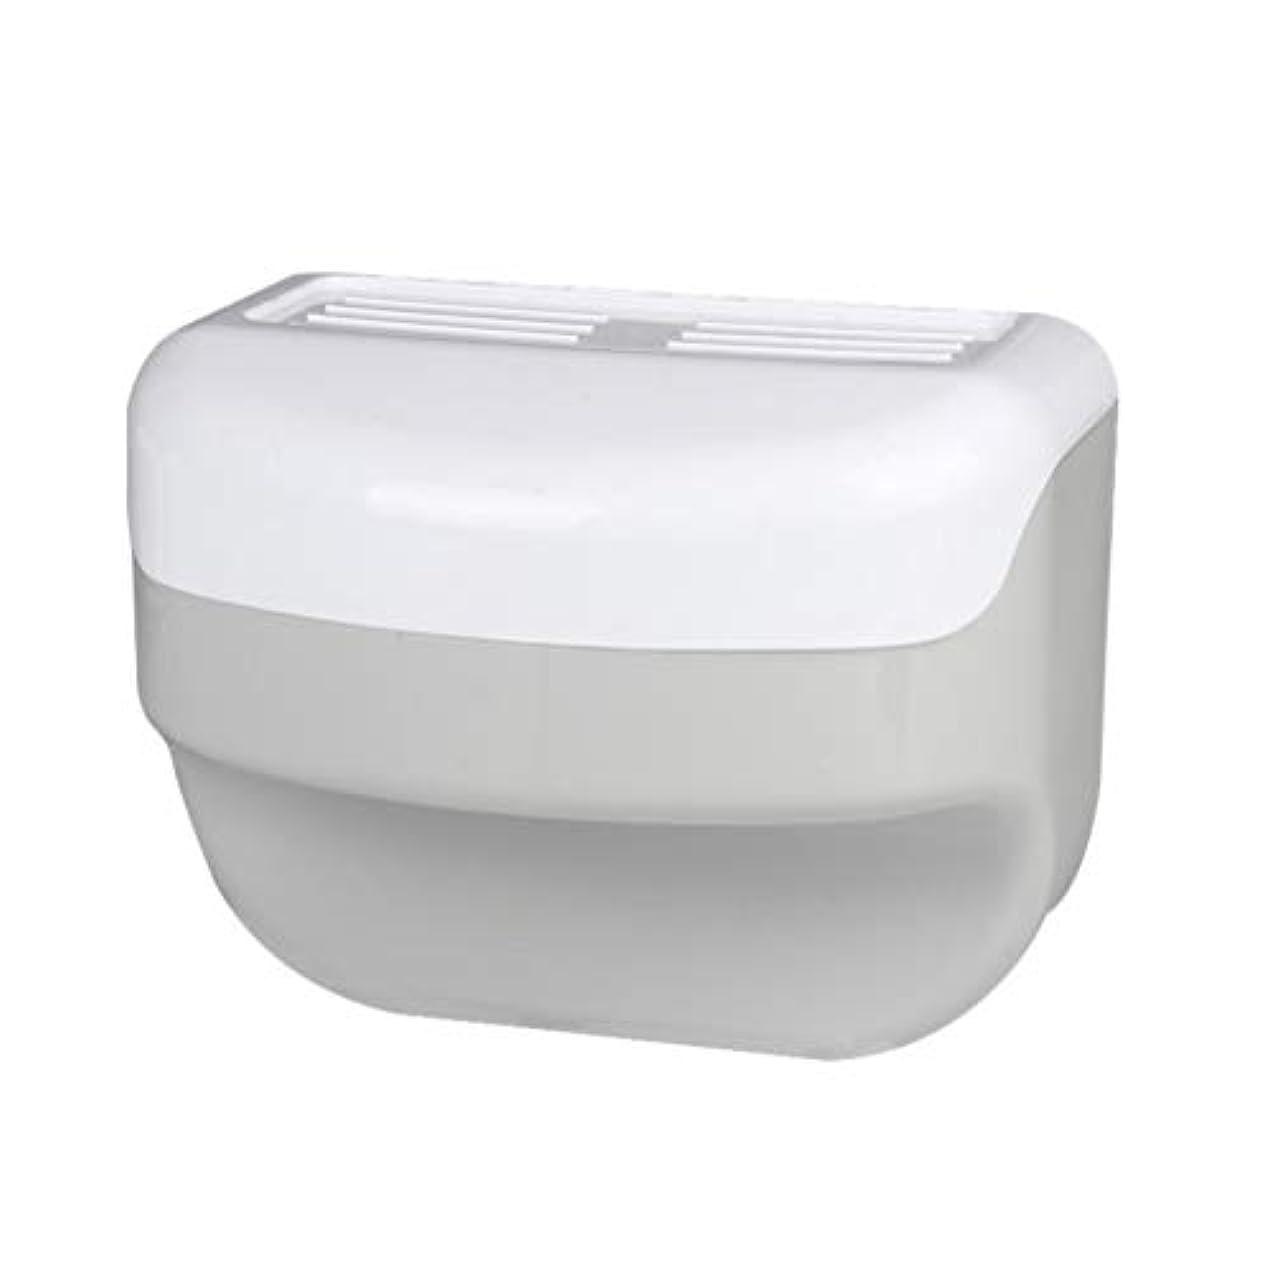 規則性の量グローTOPBATHY 浴室トイレティッシュボックスラック壁吸盤ロールホルダーフリー掘削ネイルフリーティッシュボックス